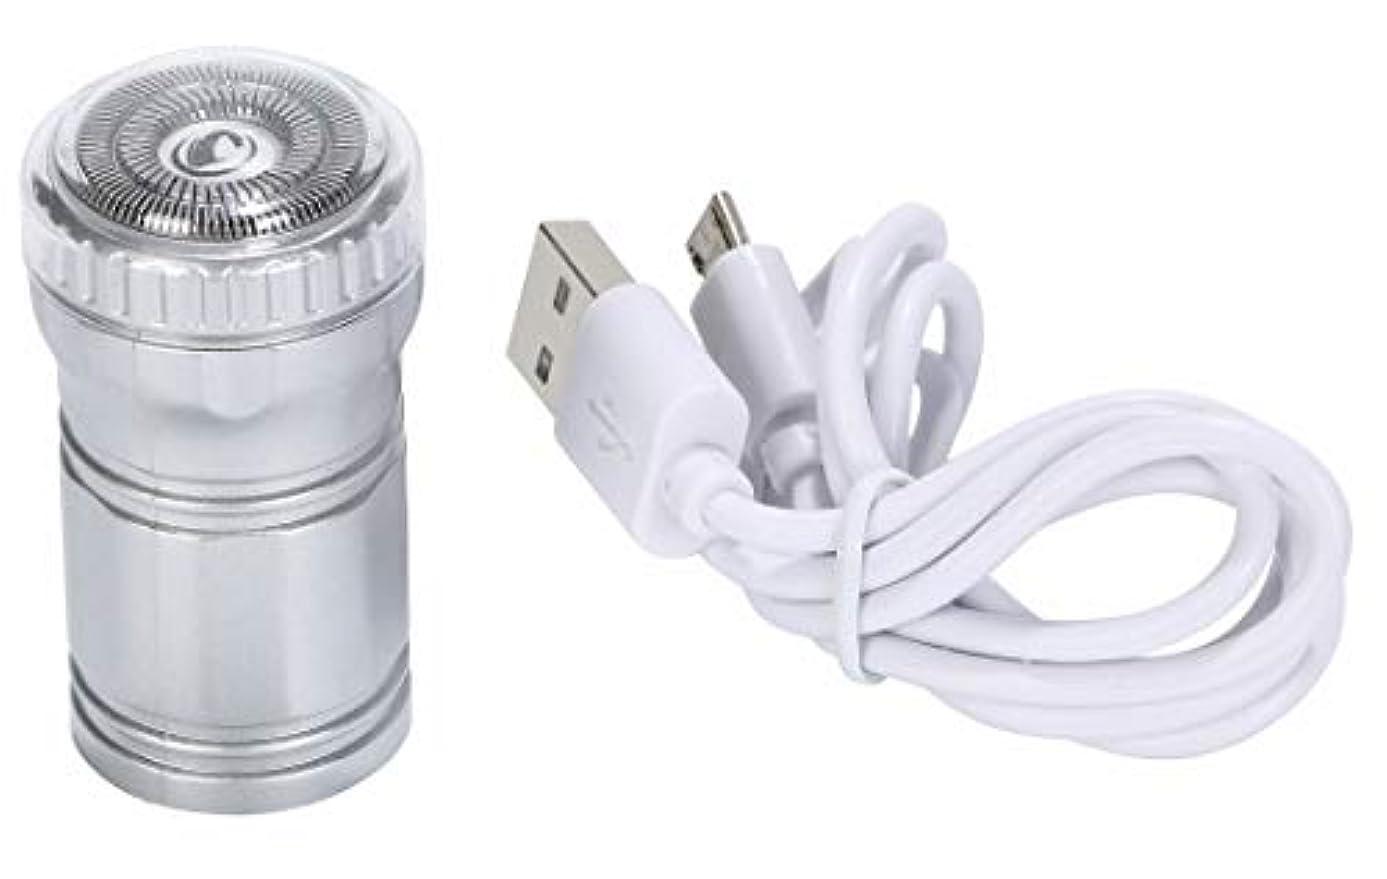 マトリックス海上辞書r_planning コンパクト シェーバー 髭剃り USB給電 USBコード 付属